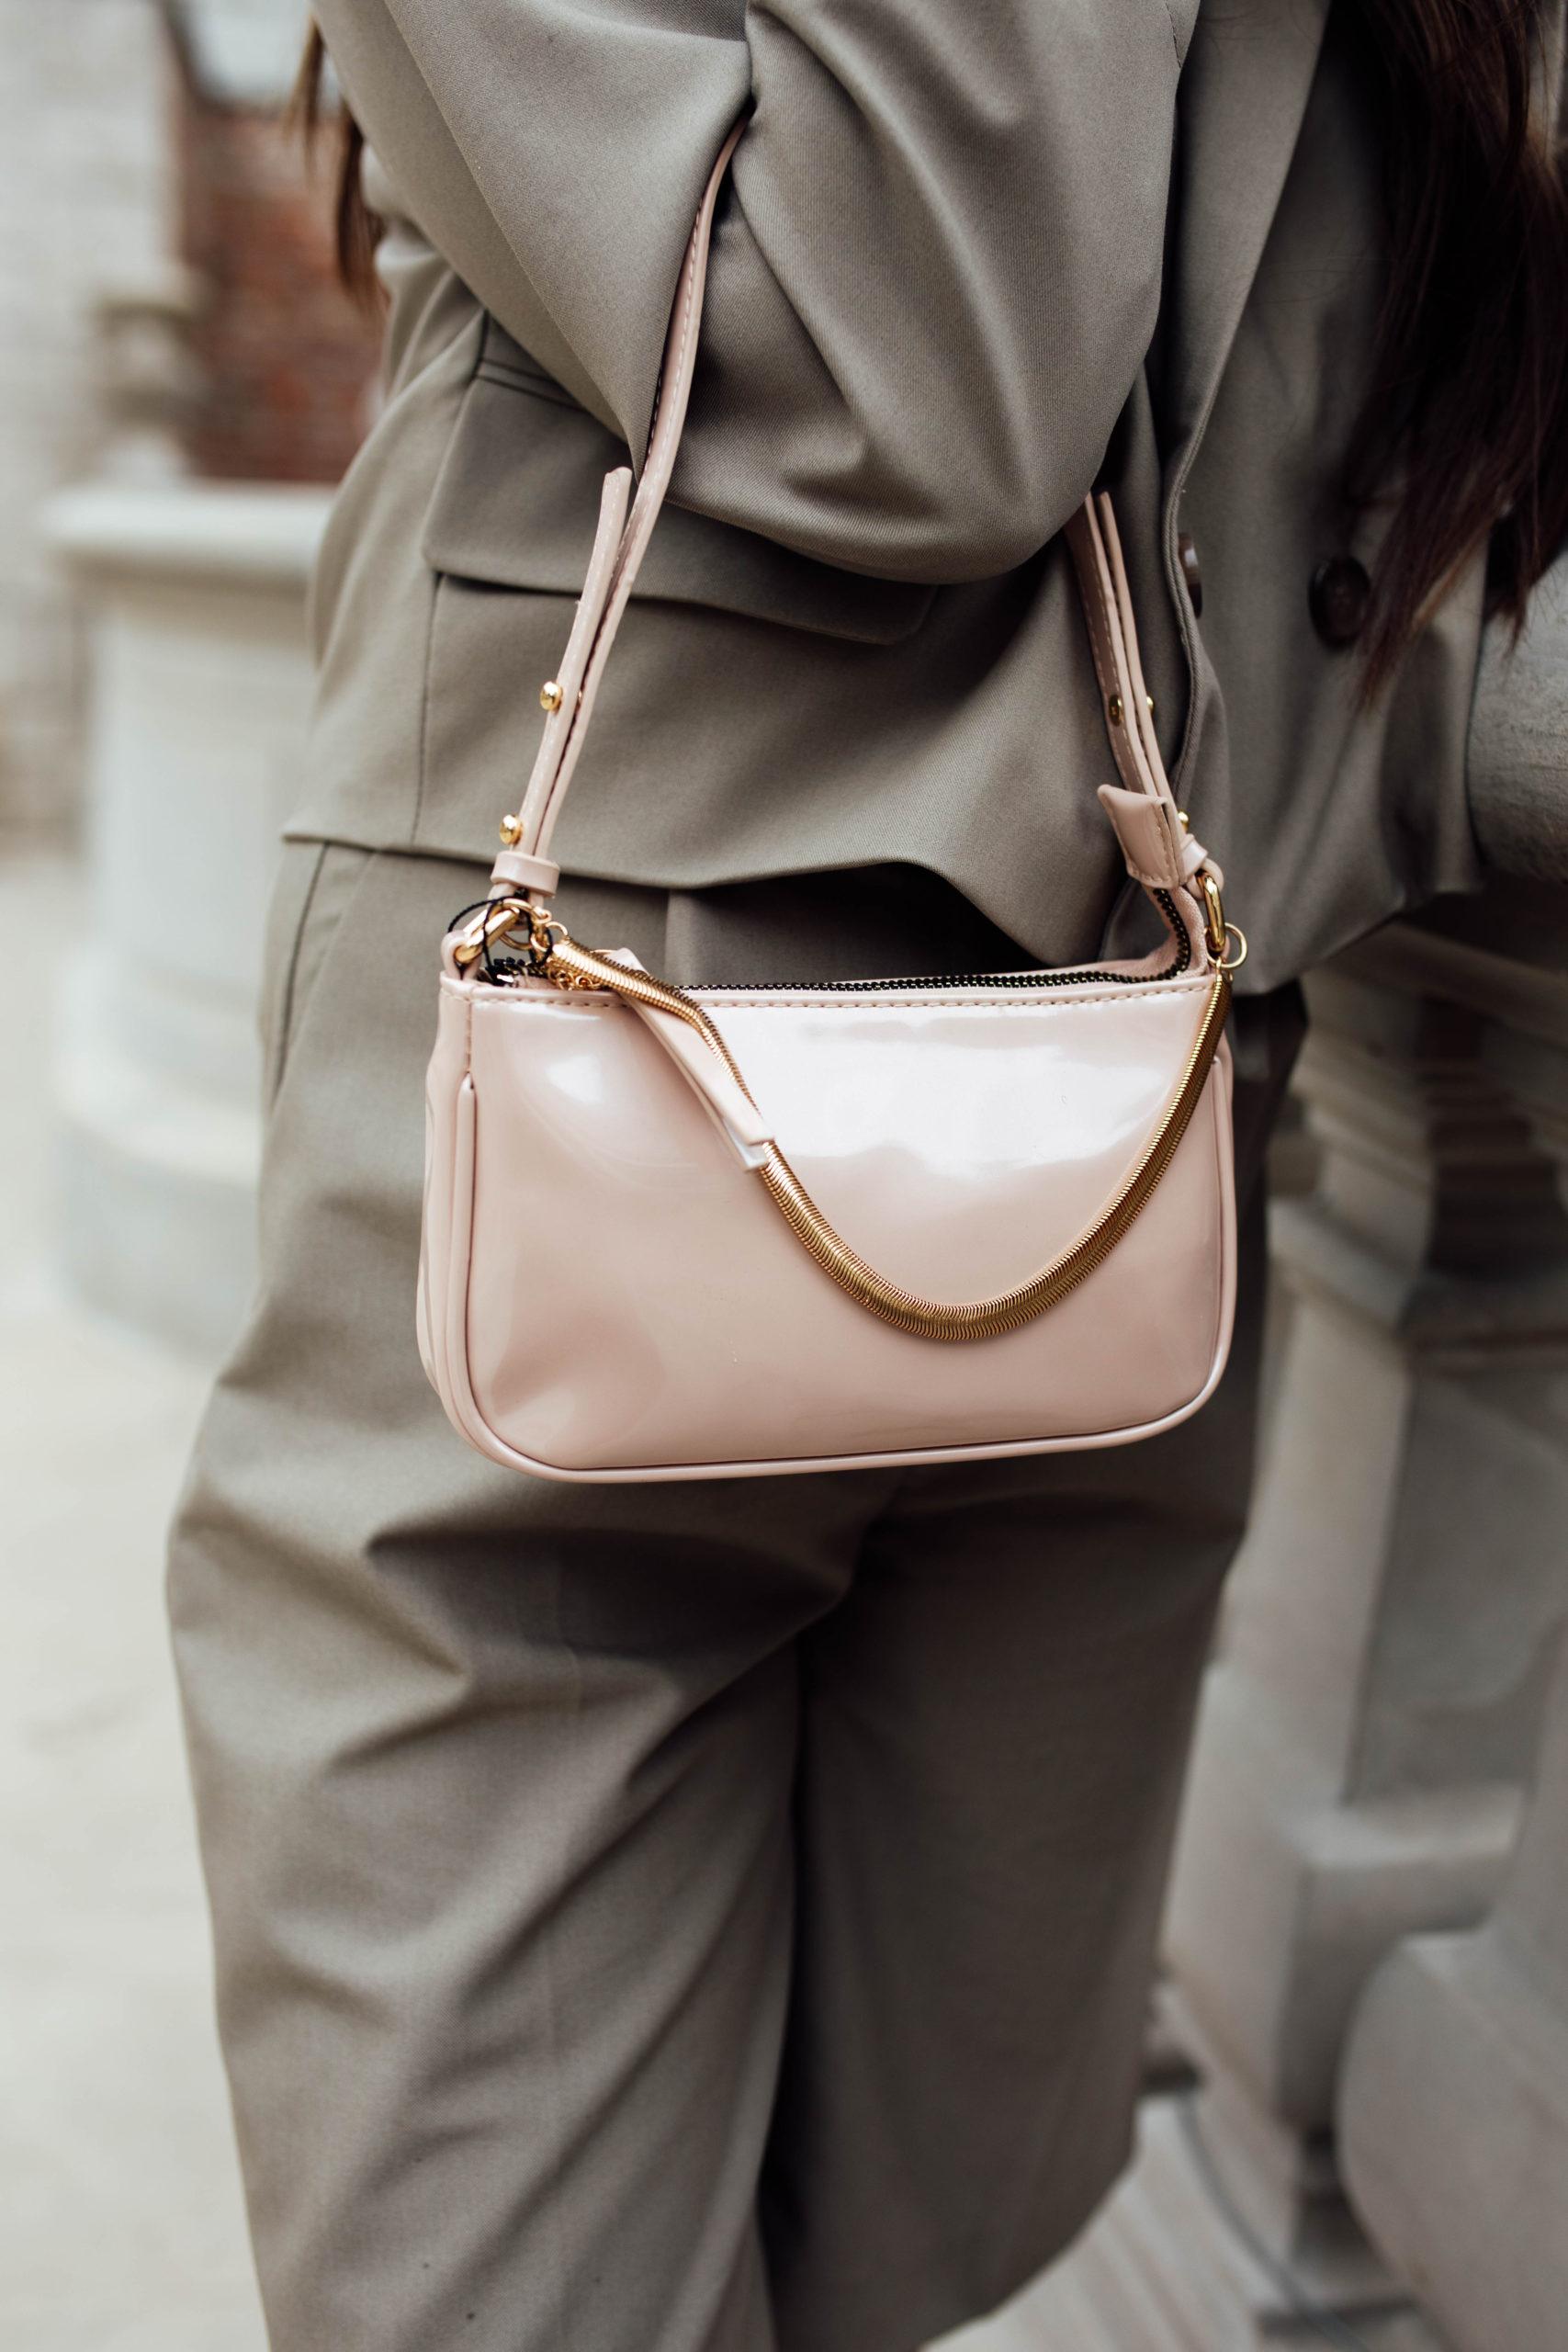 najmodniejsza-torebka-modna-trends-2021-